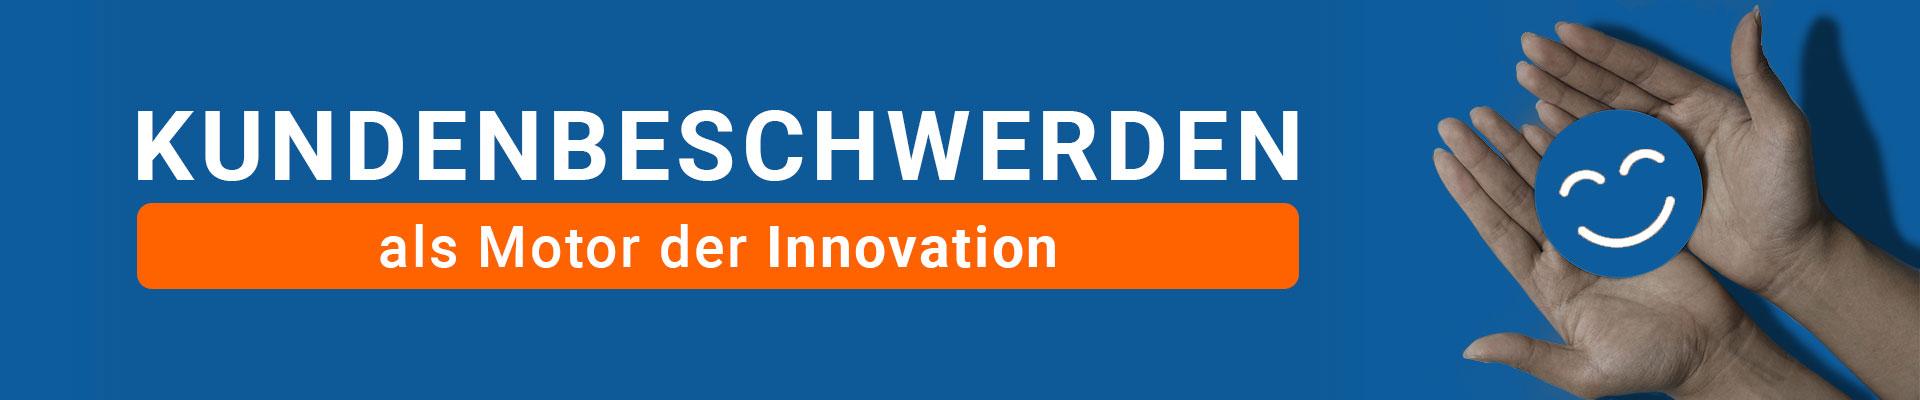 kundenbeschwerden-motor-von-innovation-header